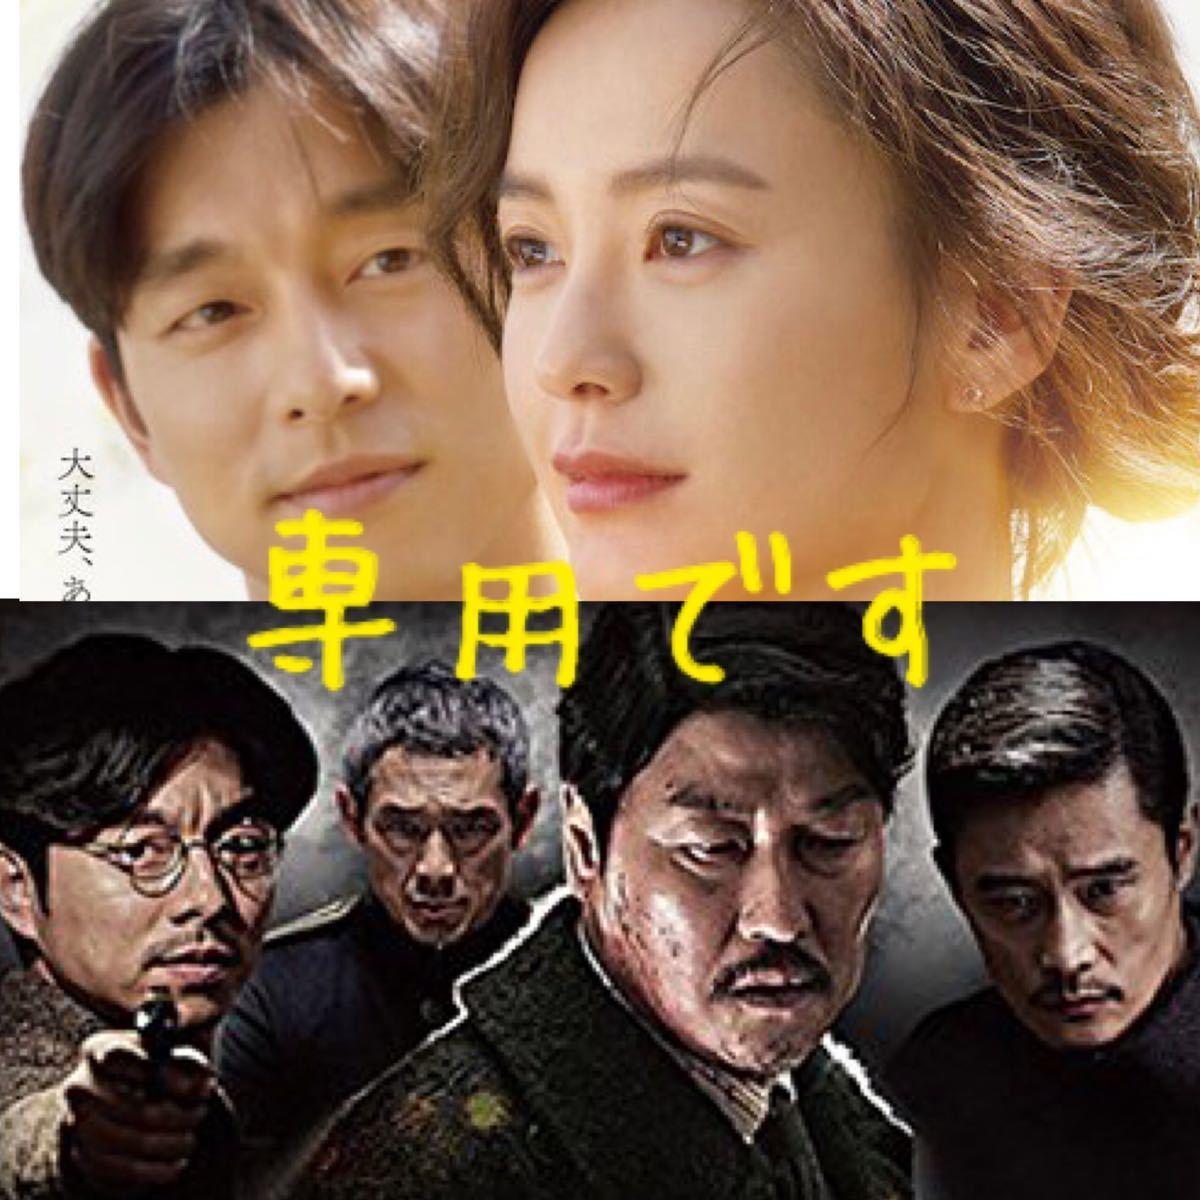 専用です。韓国映画 密偵 82年生まれ、キムジヨン コン・ユ DVD レーベル有り